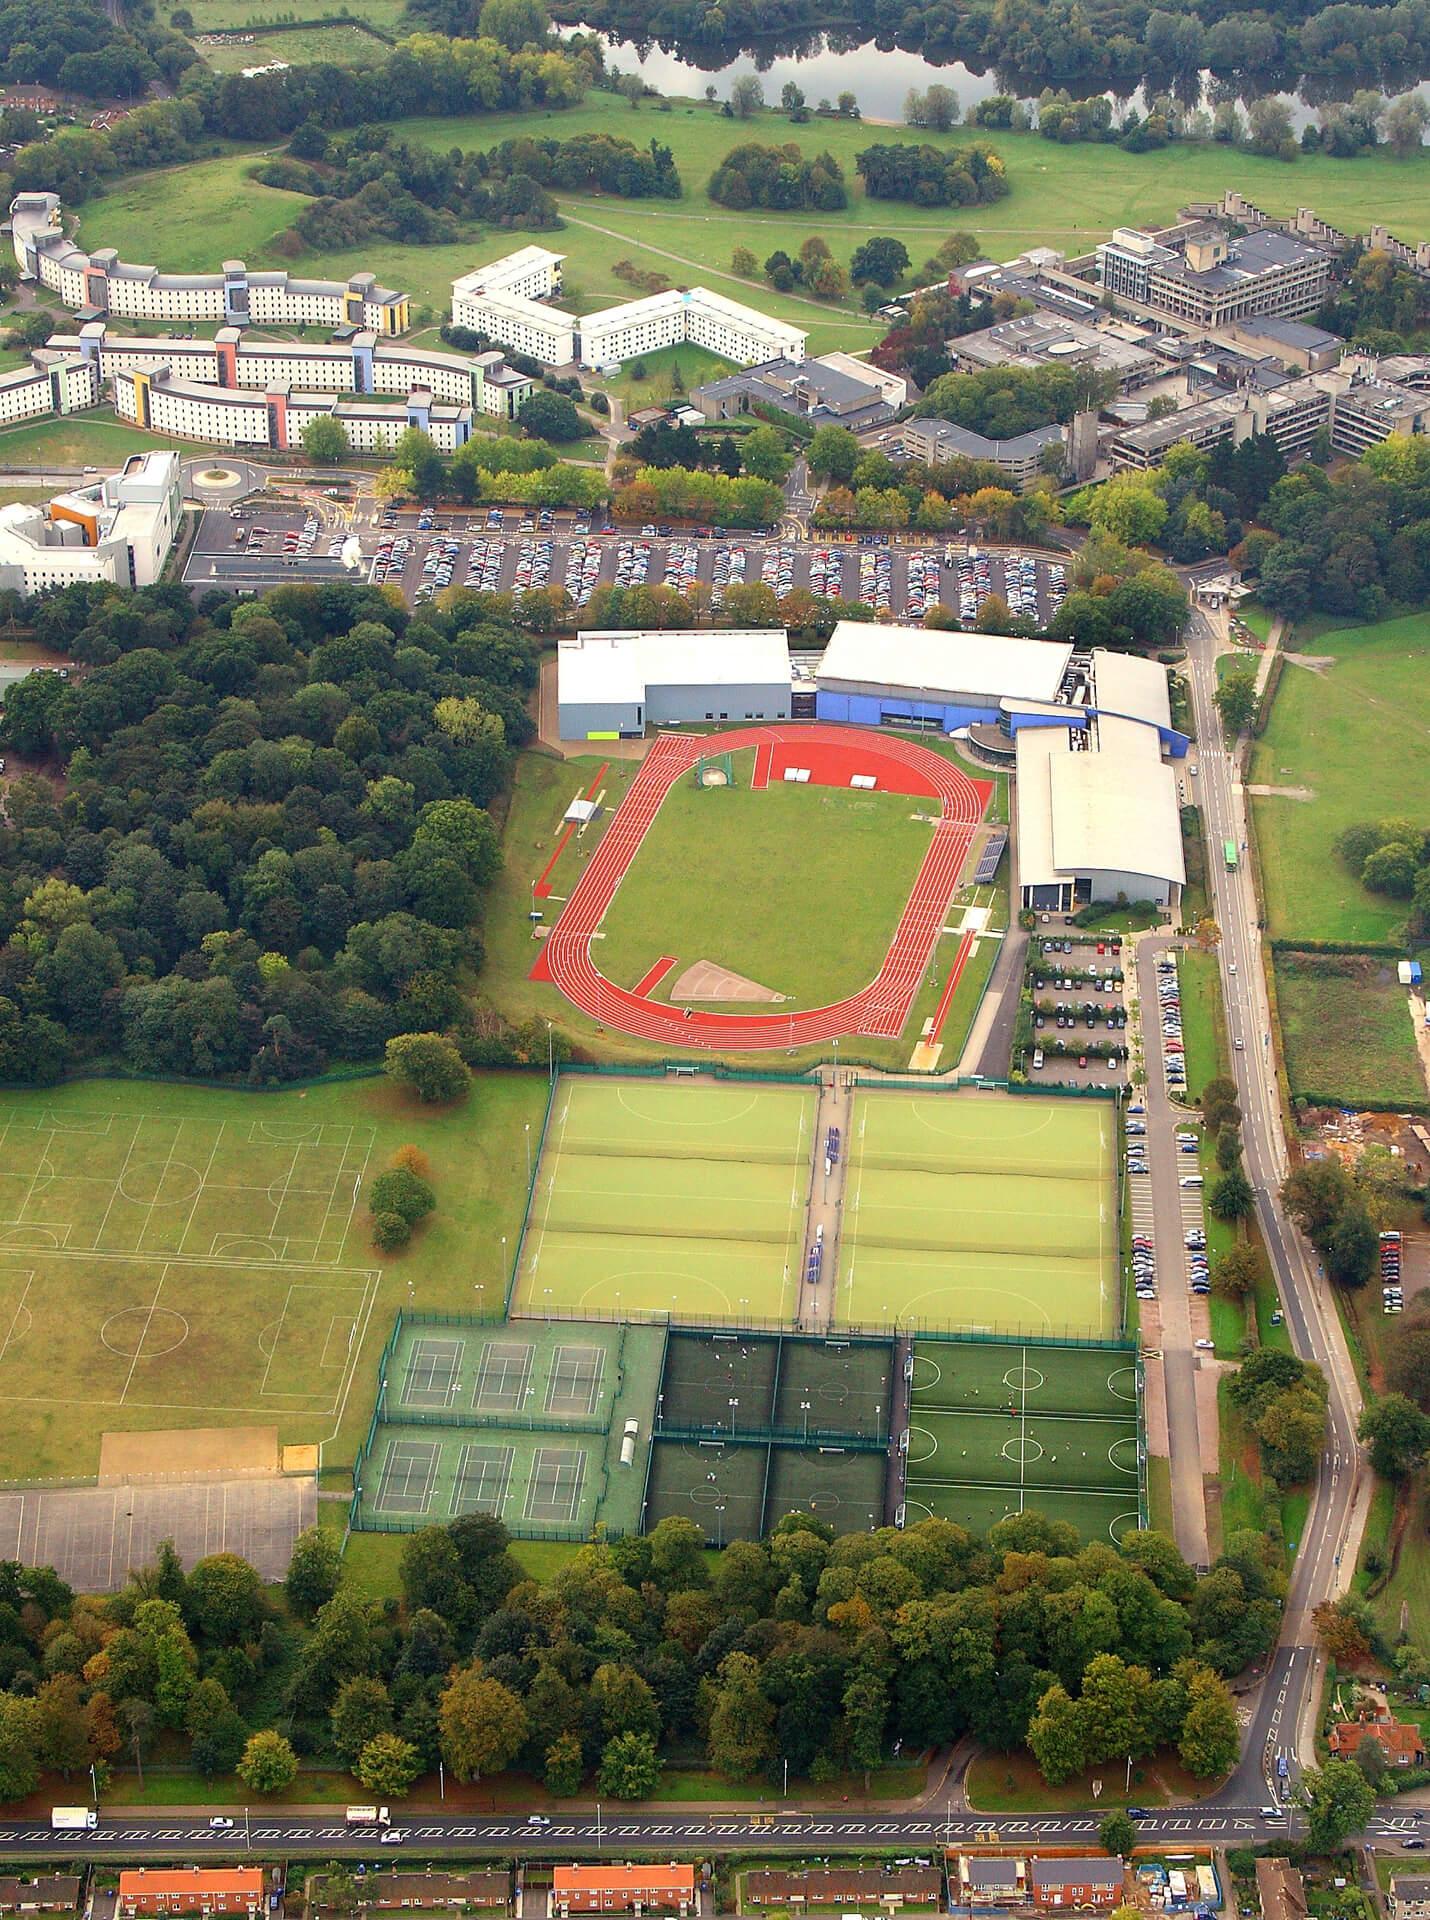 Aerial View of UEA's Sportpark